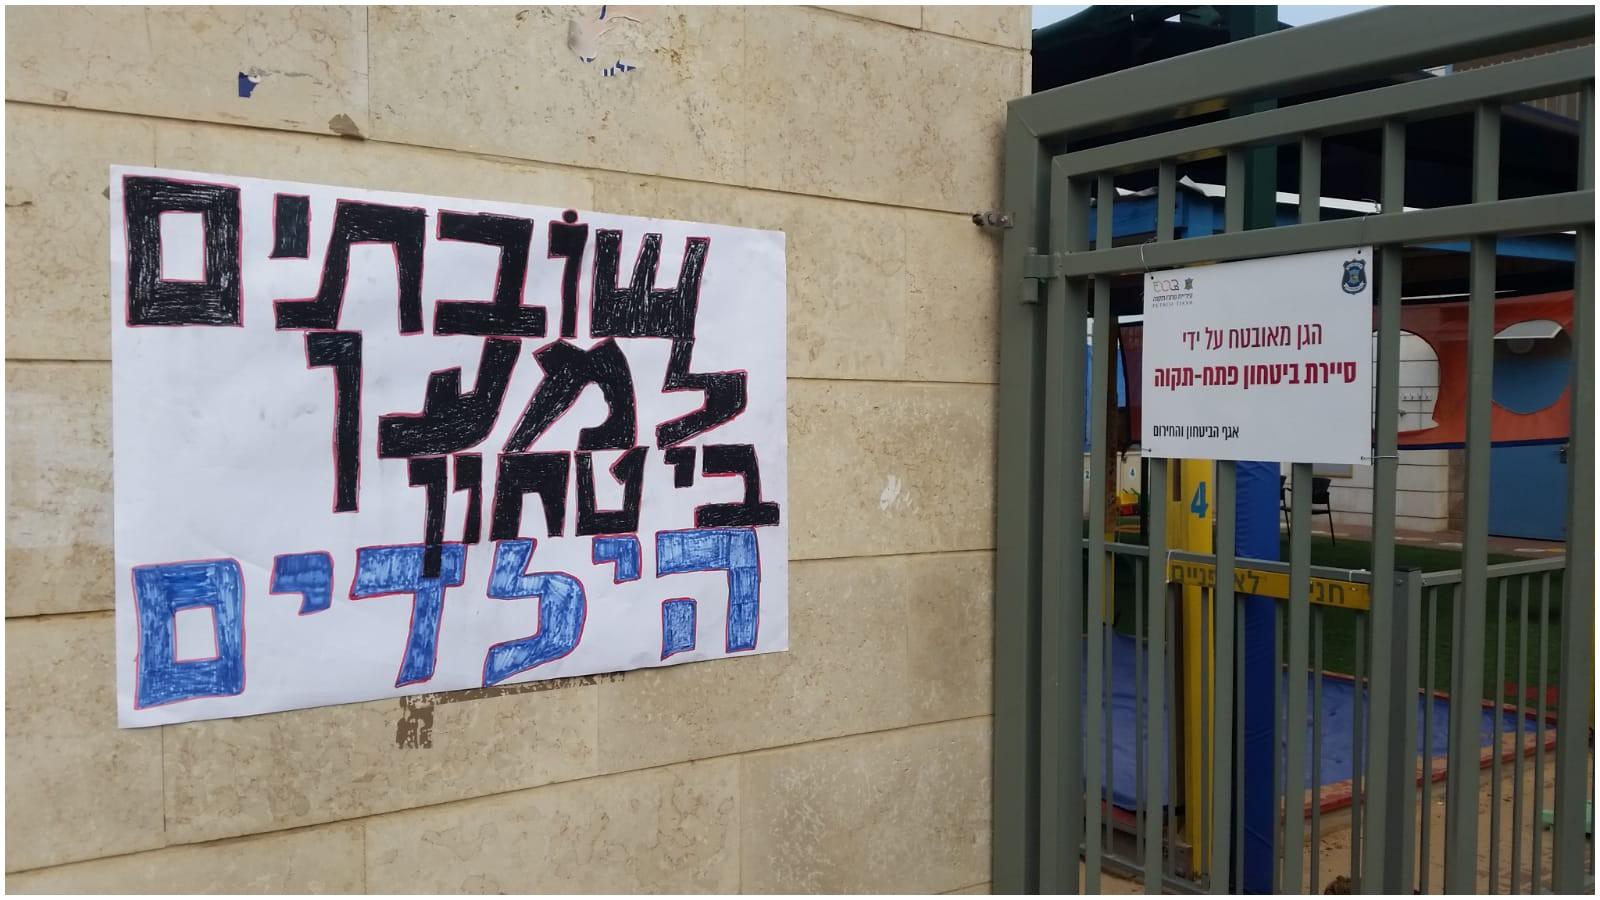 השביתה במתחם הגנים ברחוב זכרון יעקב צילום יעקב אברמוביץ